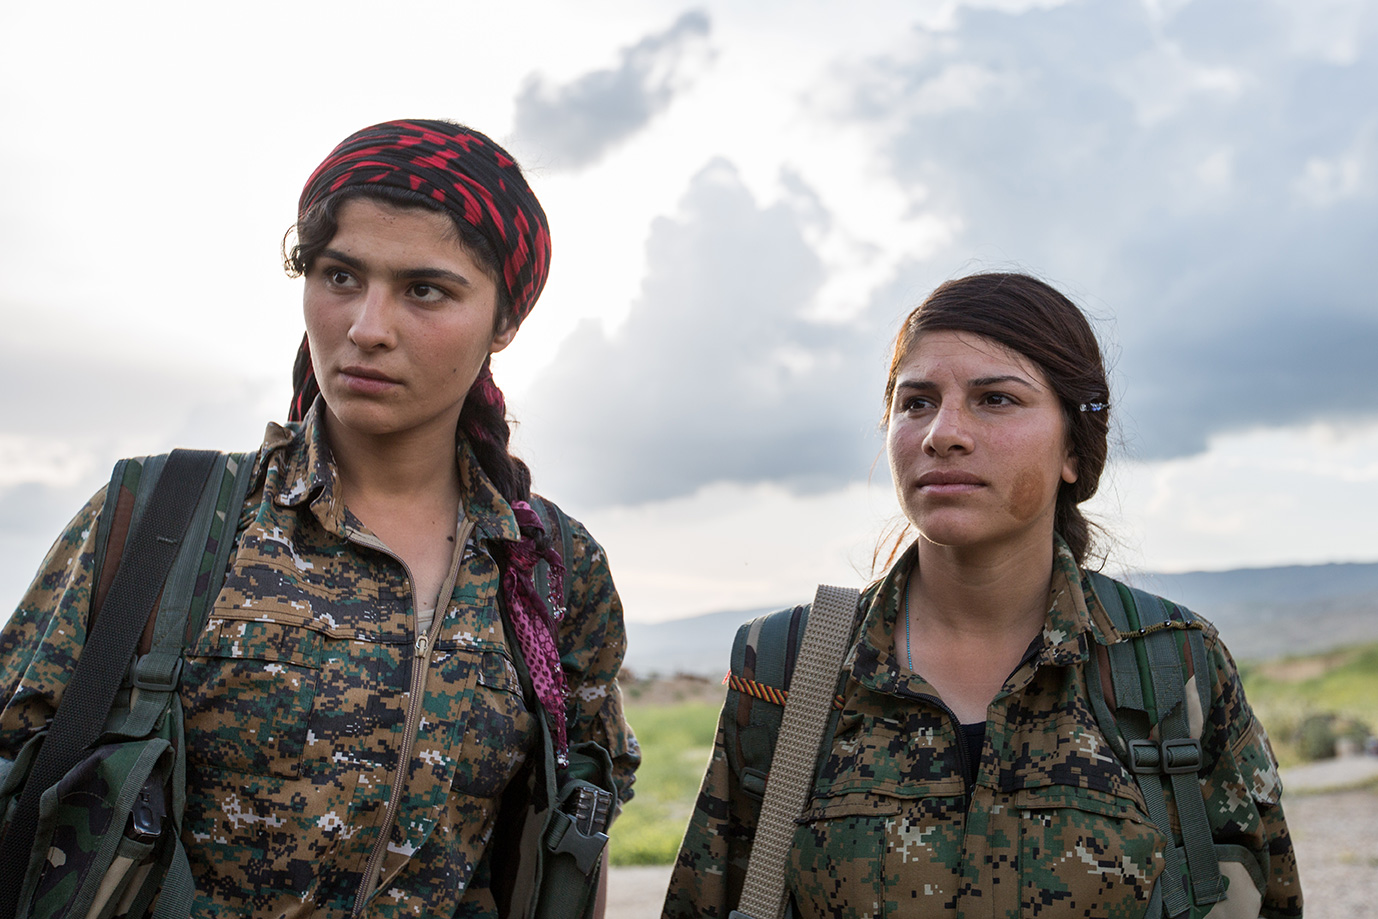 female yesidi fighter iraq sinjar